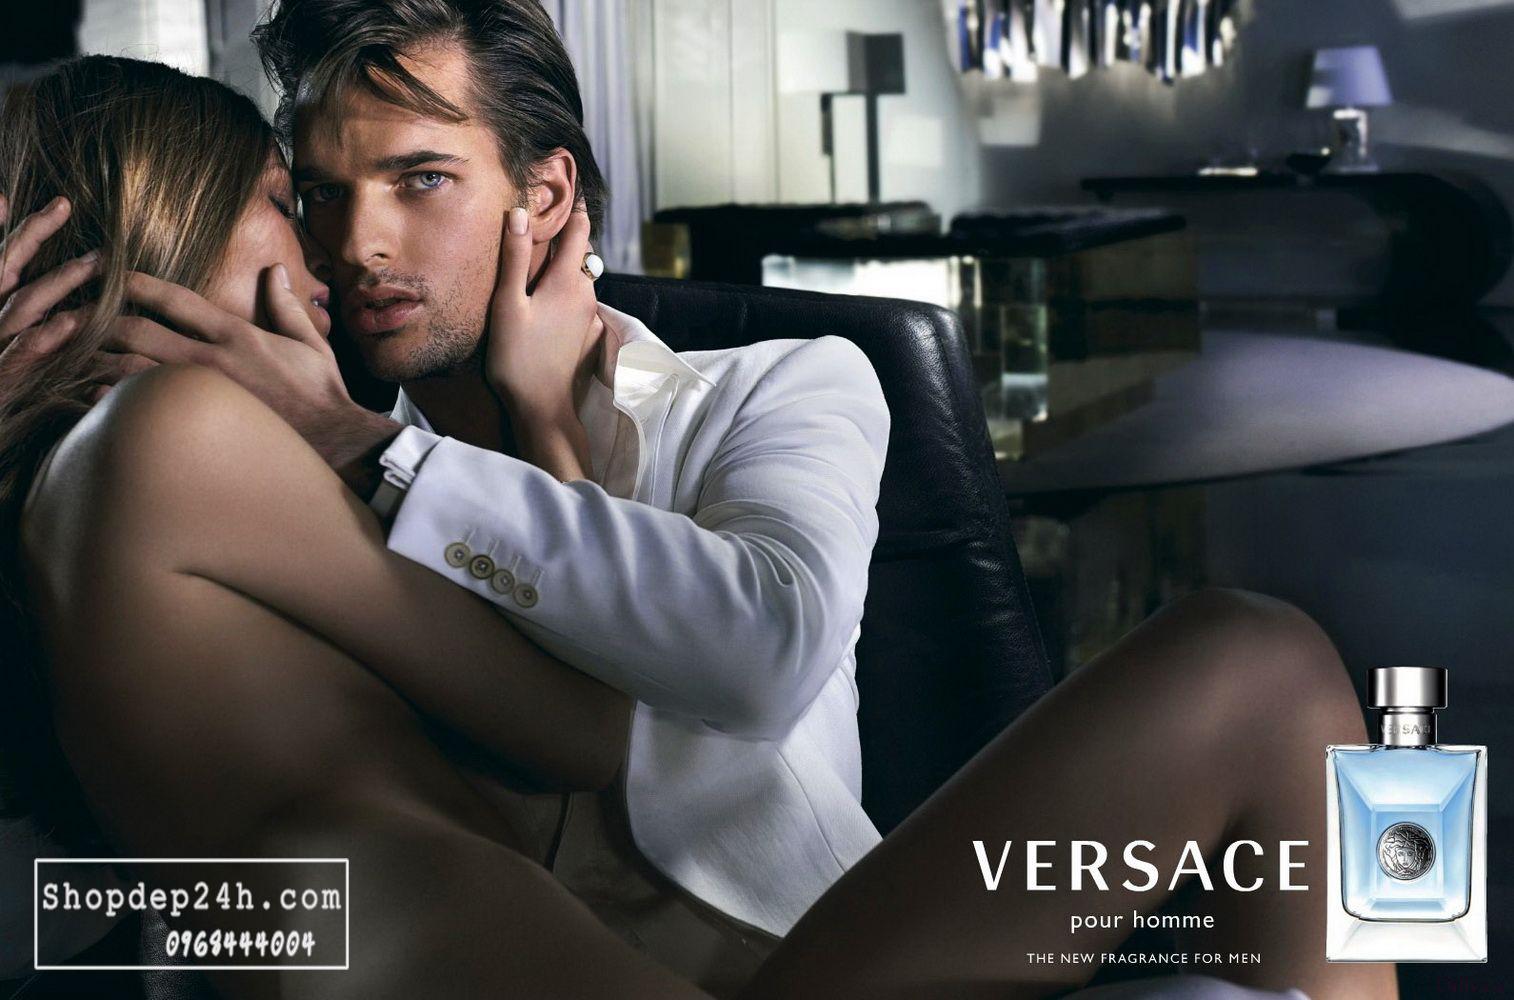 http://shopdep24h.com/images/nuoc-hoa-nam-mini/versace-pour-homme-1.jpg